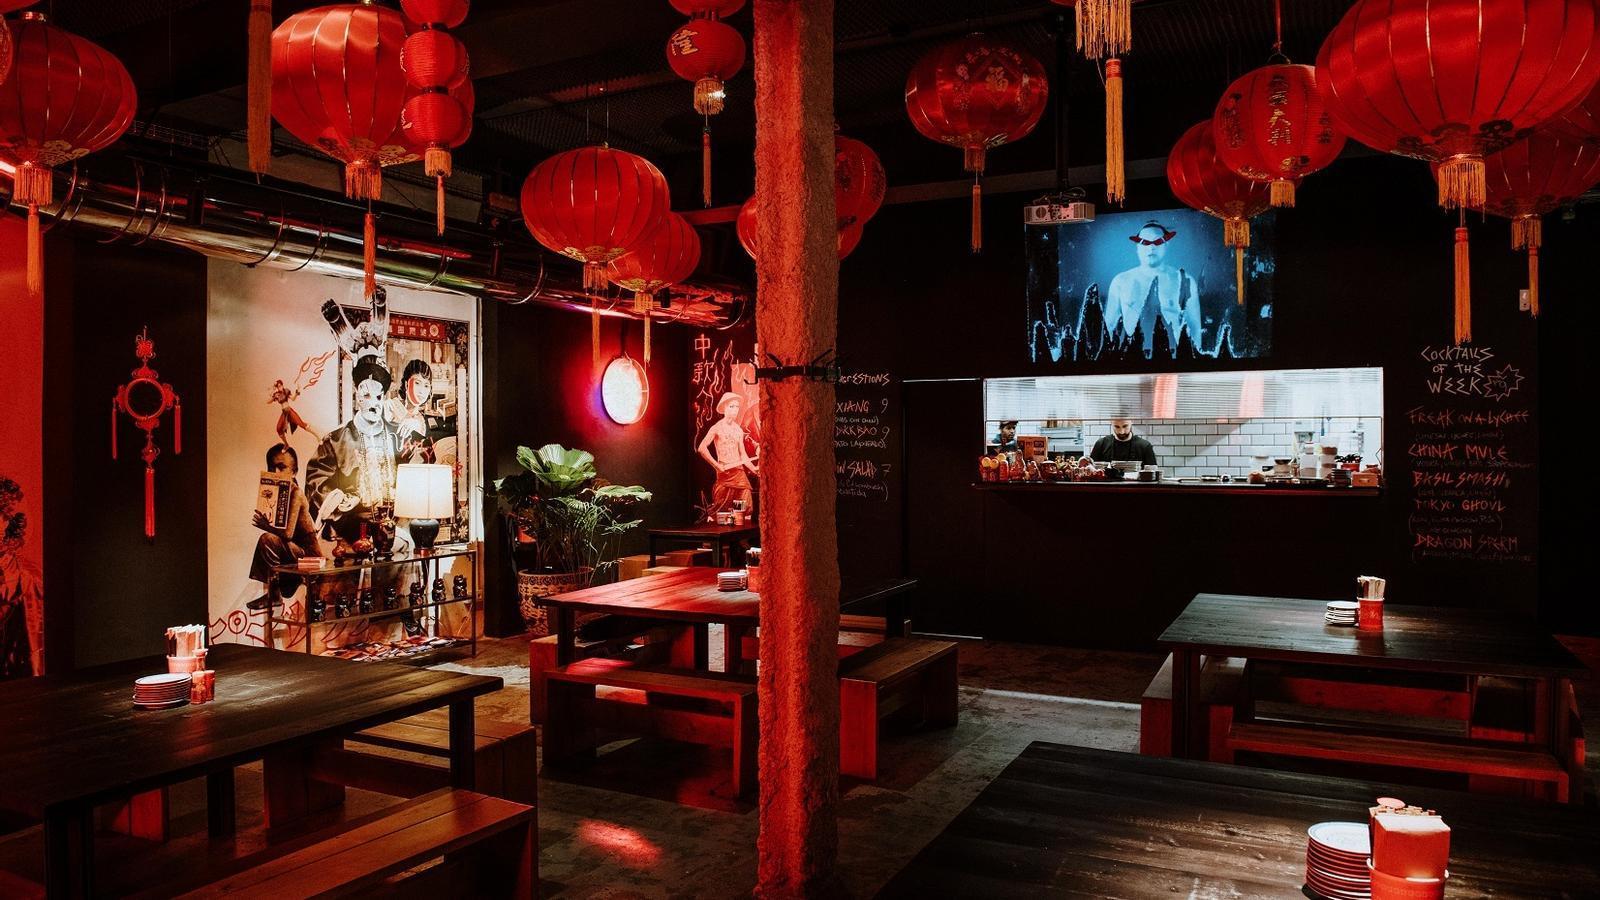 Spicy, una taverna de Sant Antoni (però amb sabor a Àsia)